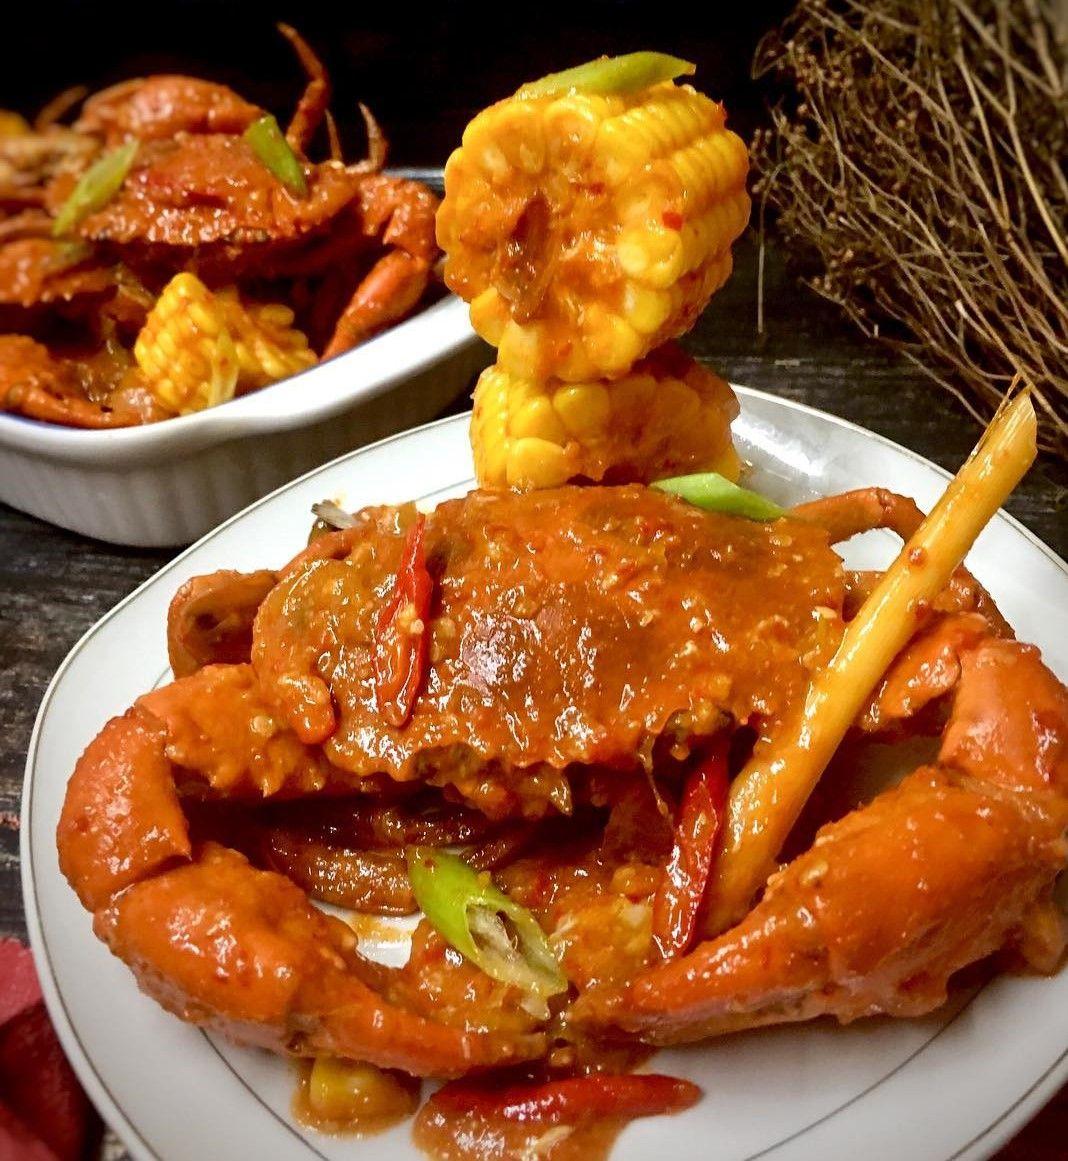 Resep Kepiting Saus Padang Jagung Istimewa Seenak Di Resto Resep Resep Kepiting Resep Seafood Resep Masakan